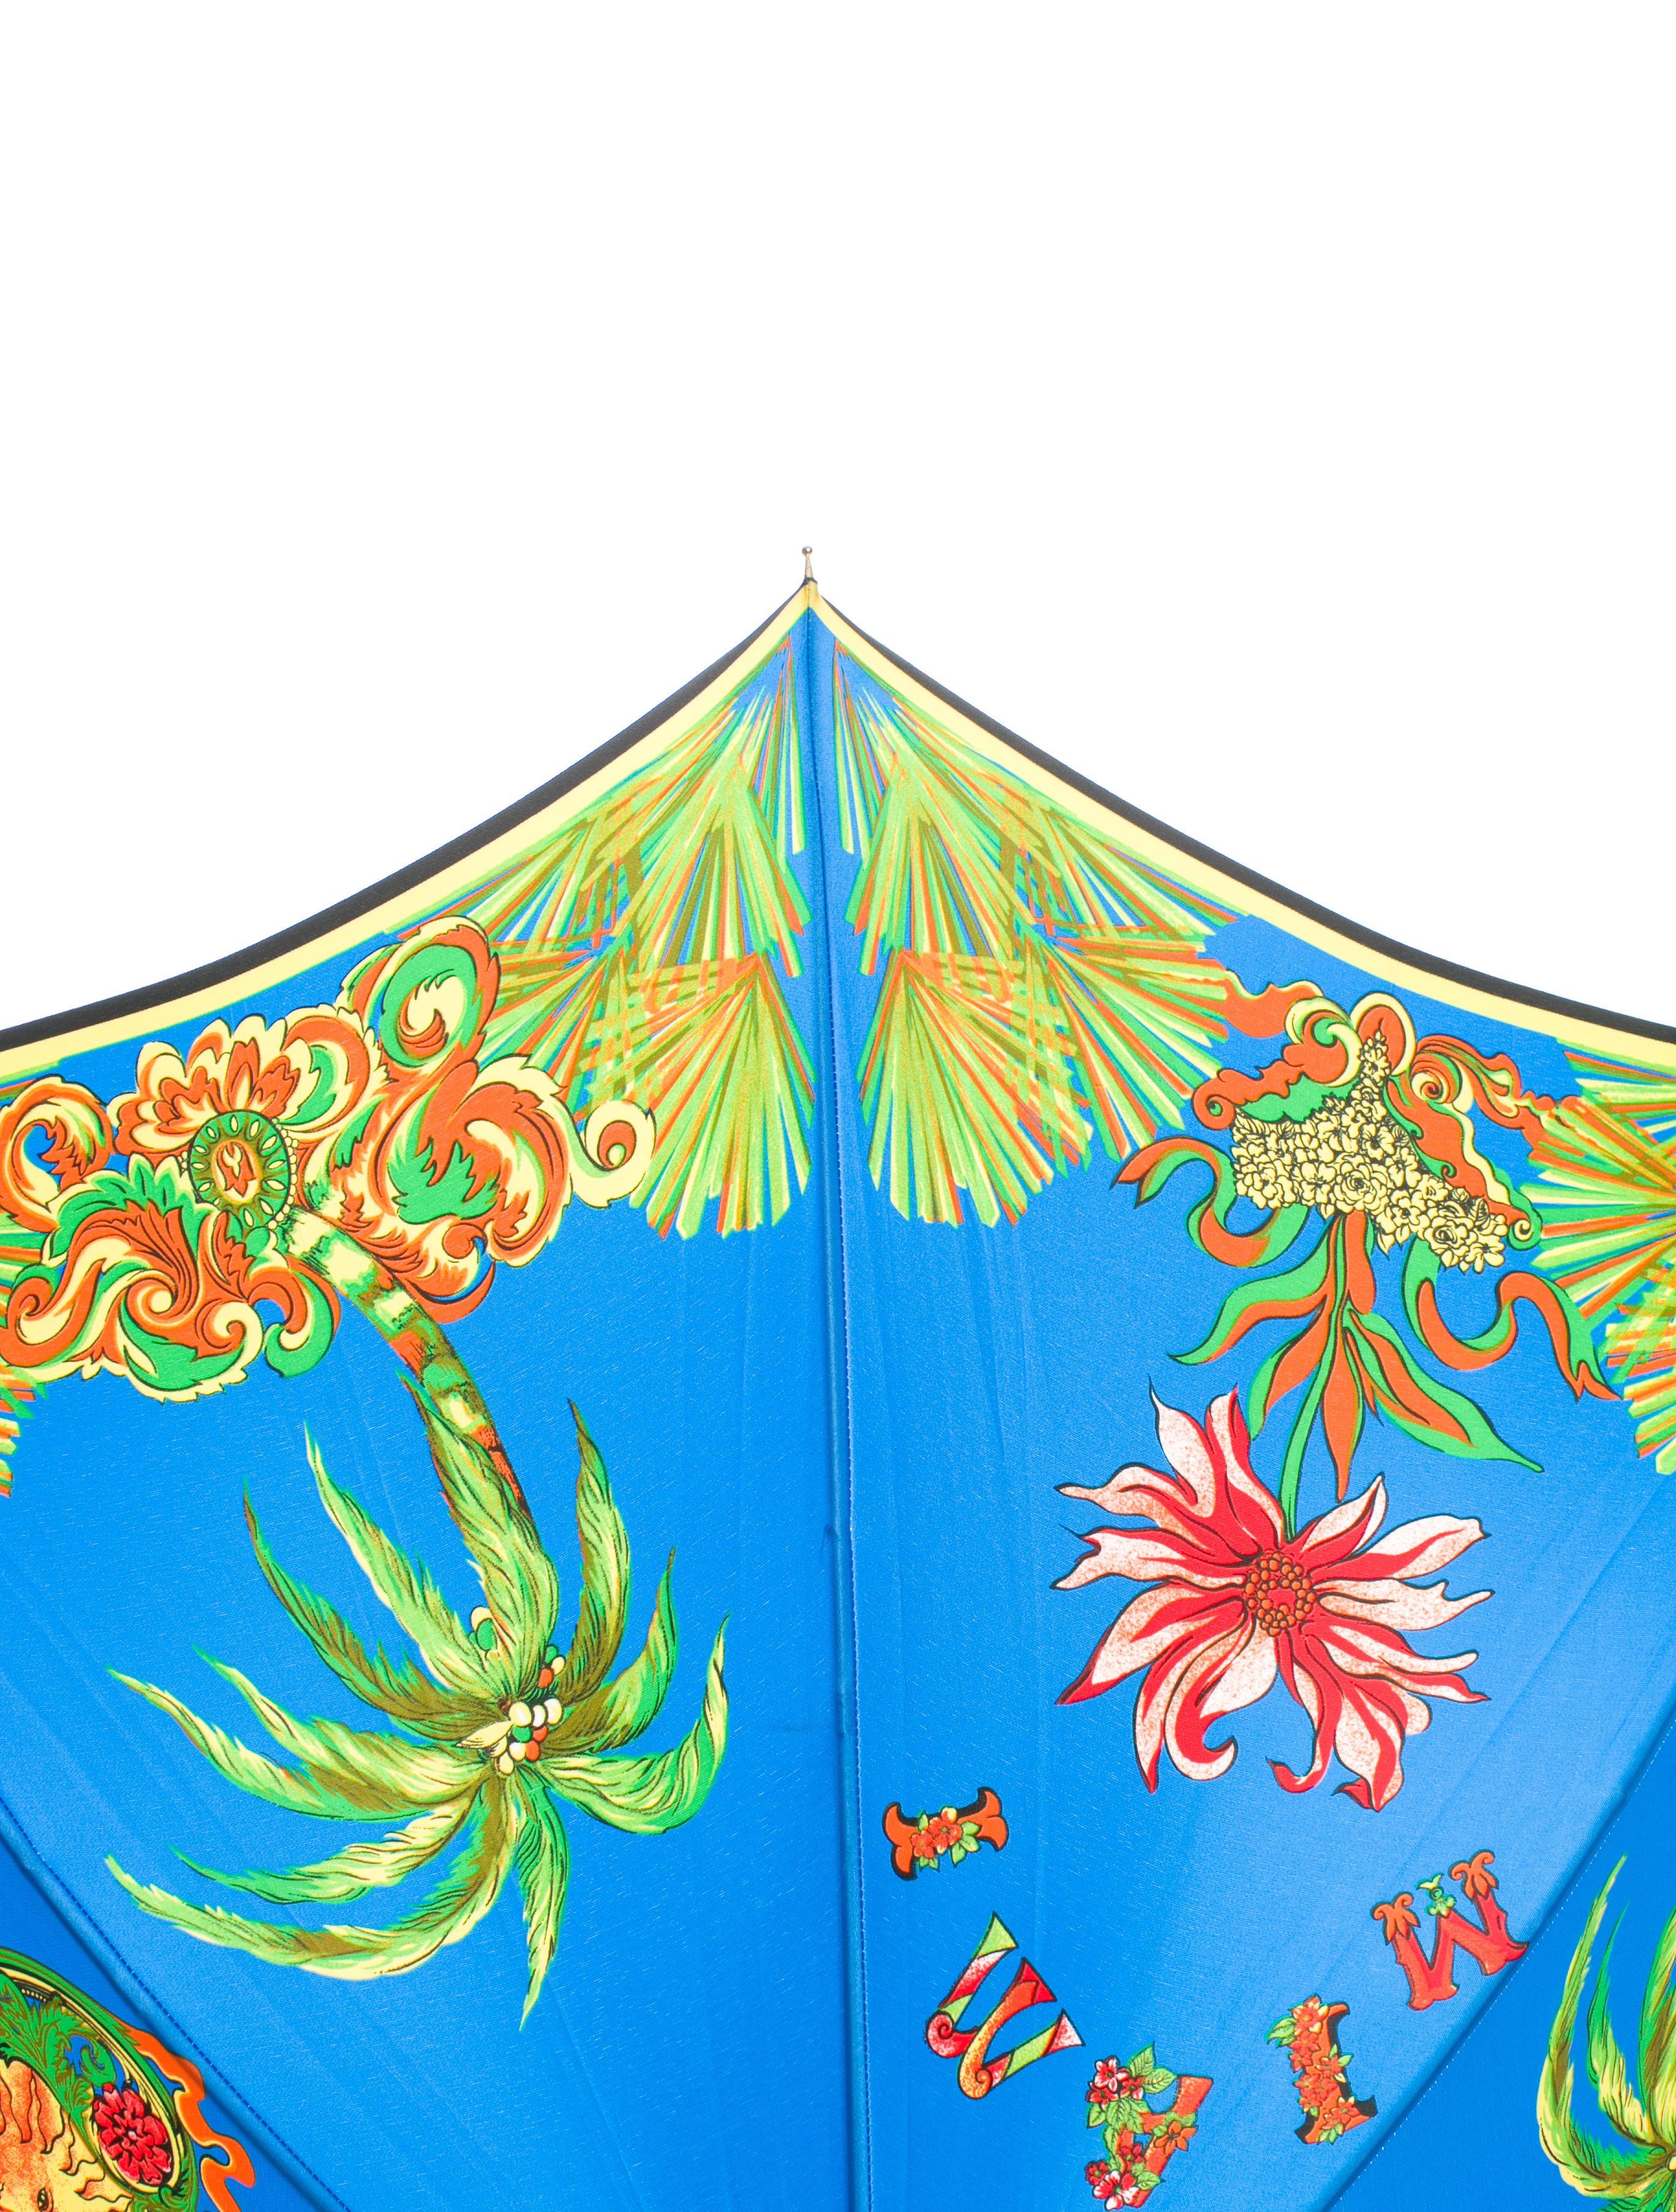 gianni versace miami print umbrella accessories gve20414 the